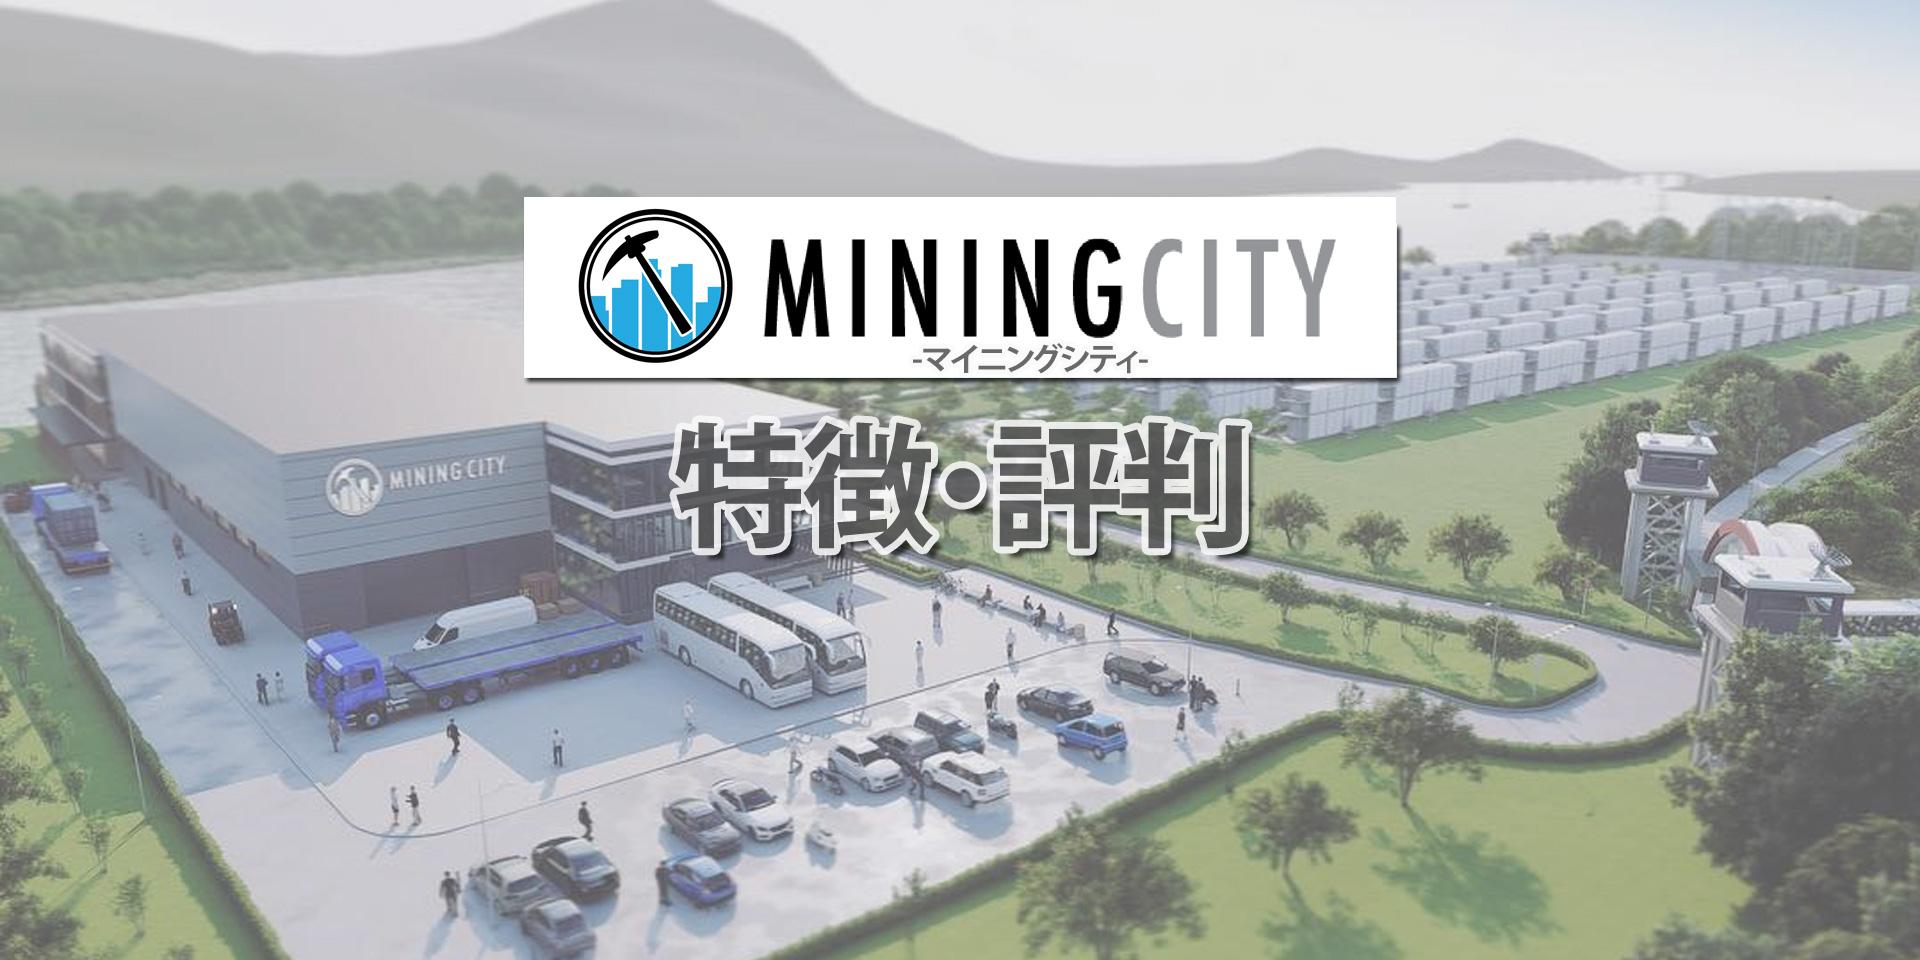 マイニングシティ特徴評判